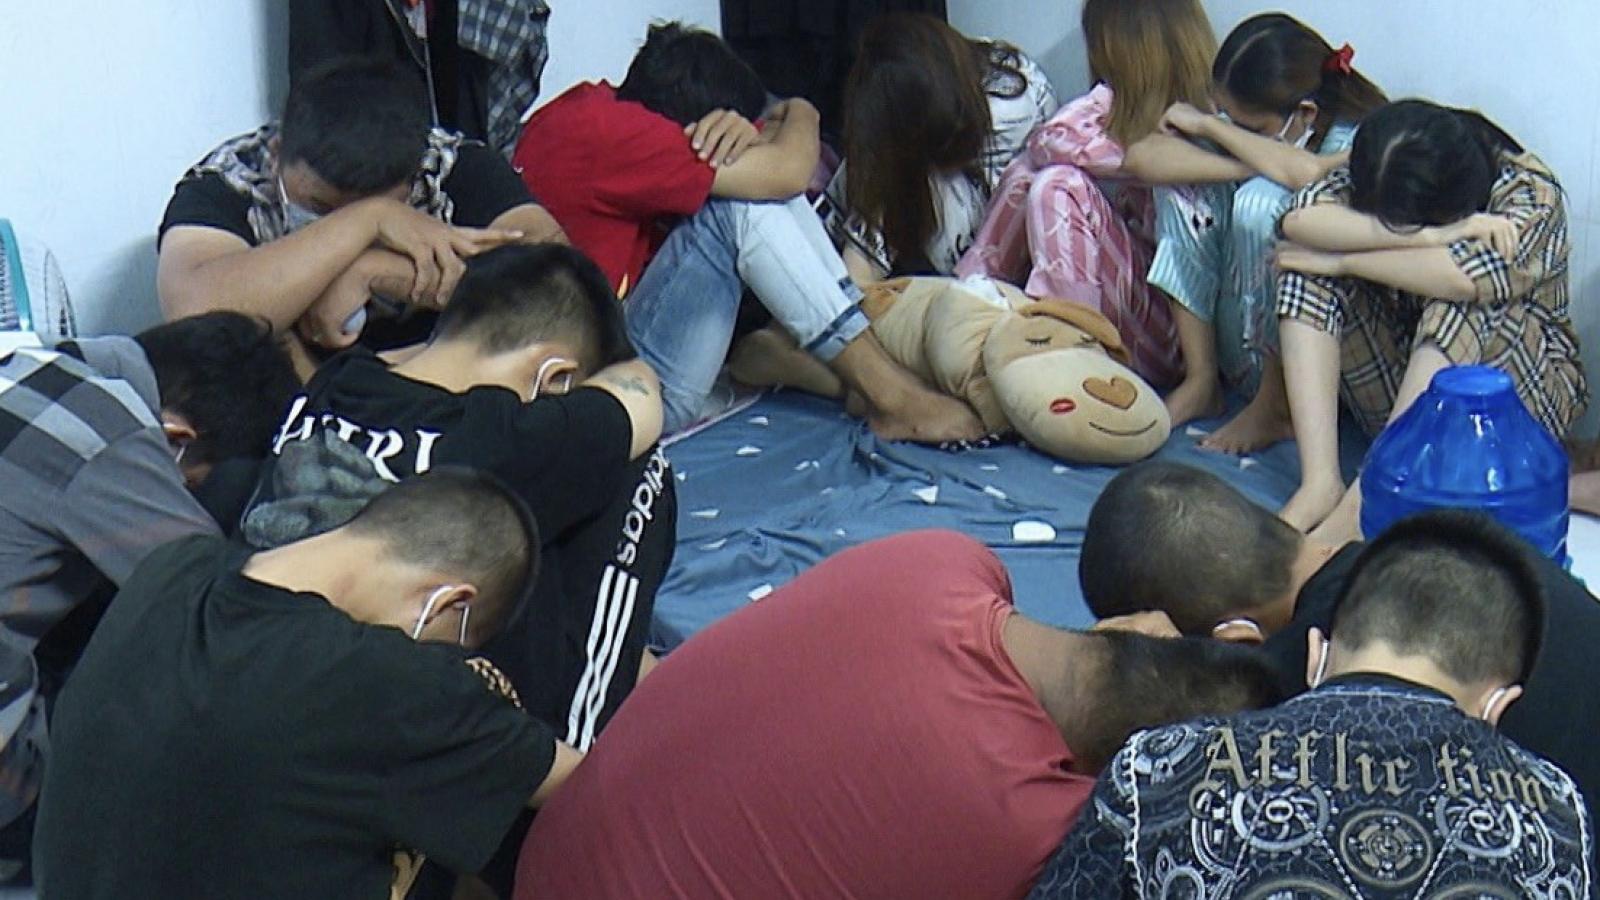 Bạc Liêu phạt 14 người tụ tập sử dụng ma túy 180 triệu đồng